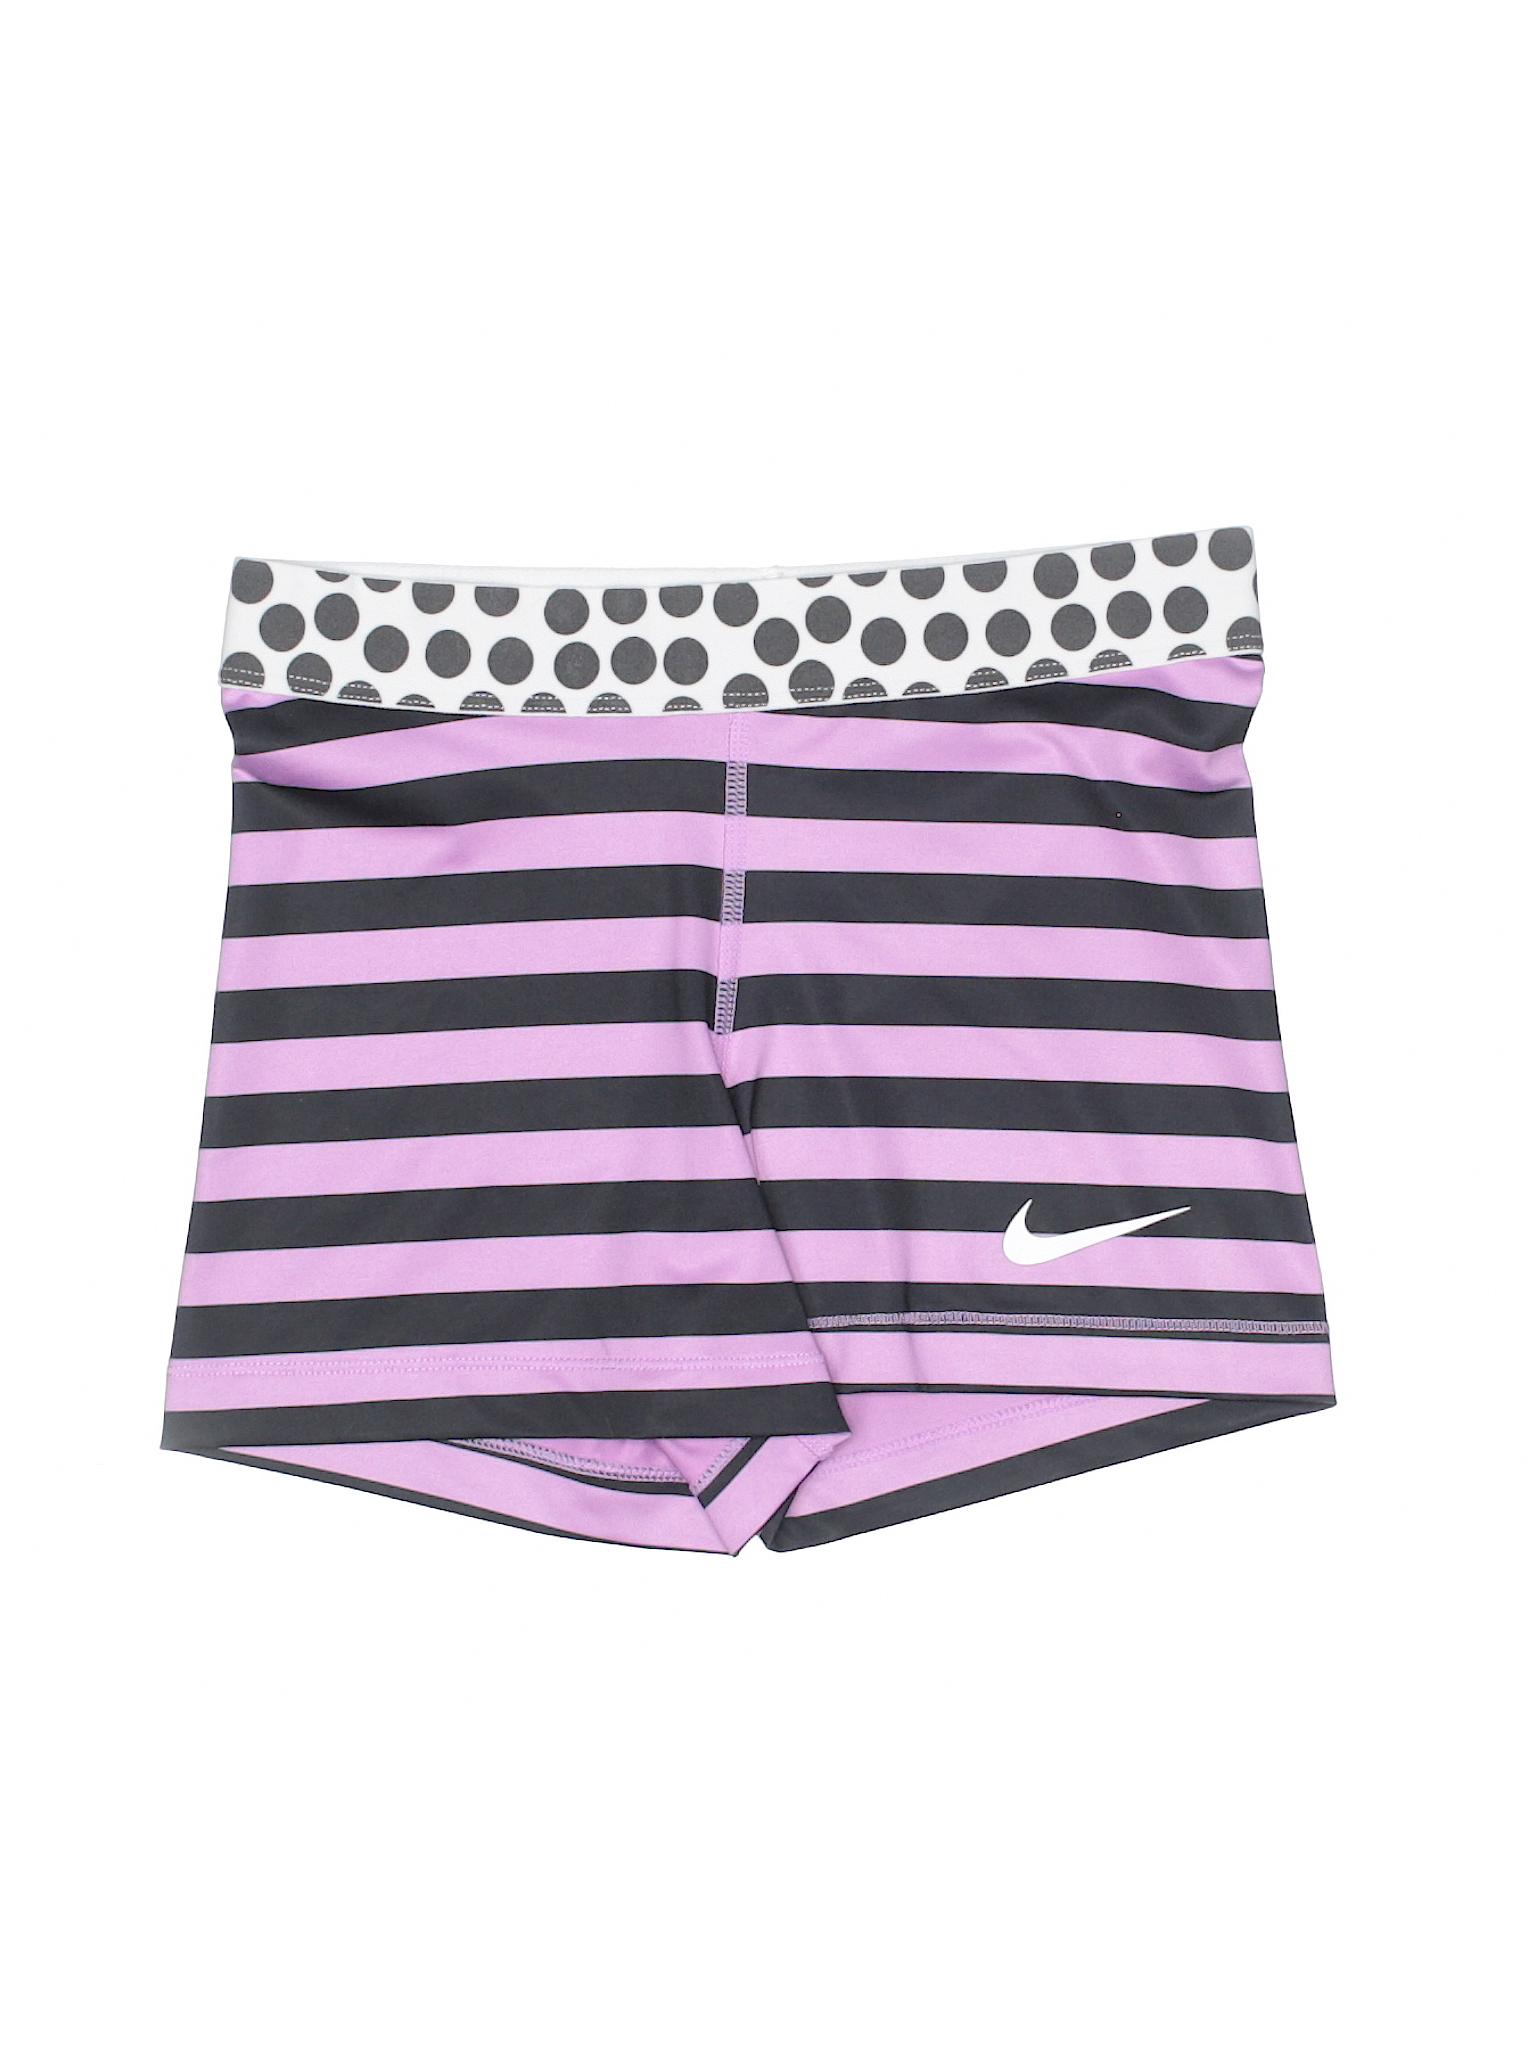 Boutique Shorts Nike Nike Athletic Athletic Boutique Boutique Boutique Nike Shorts Athletic Nike Athletic Shorts Shorts 7qnxEwZXvX